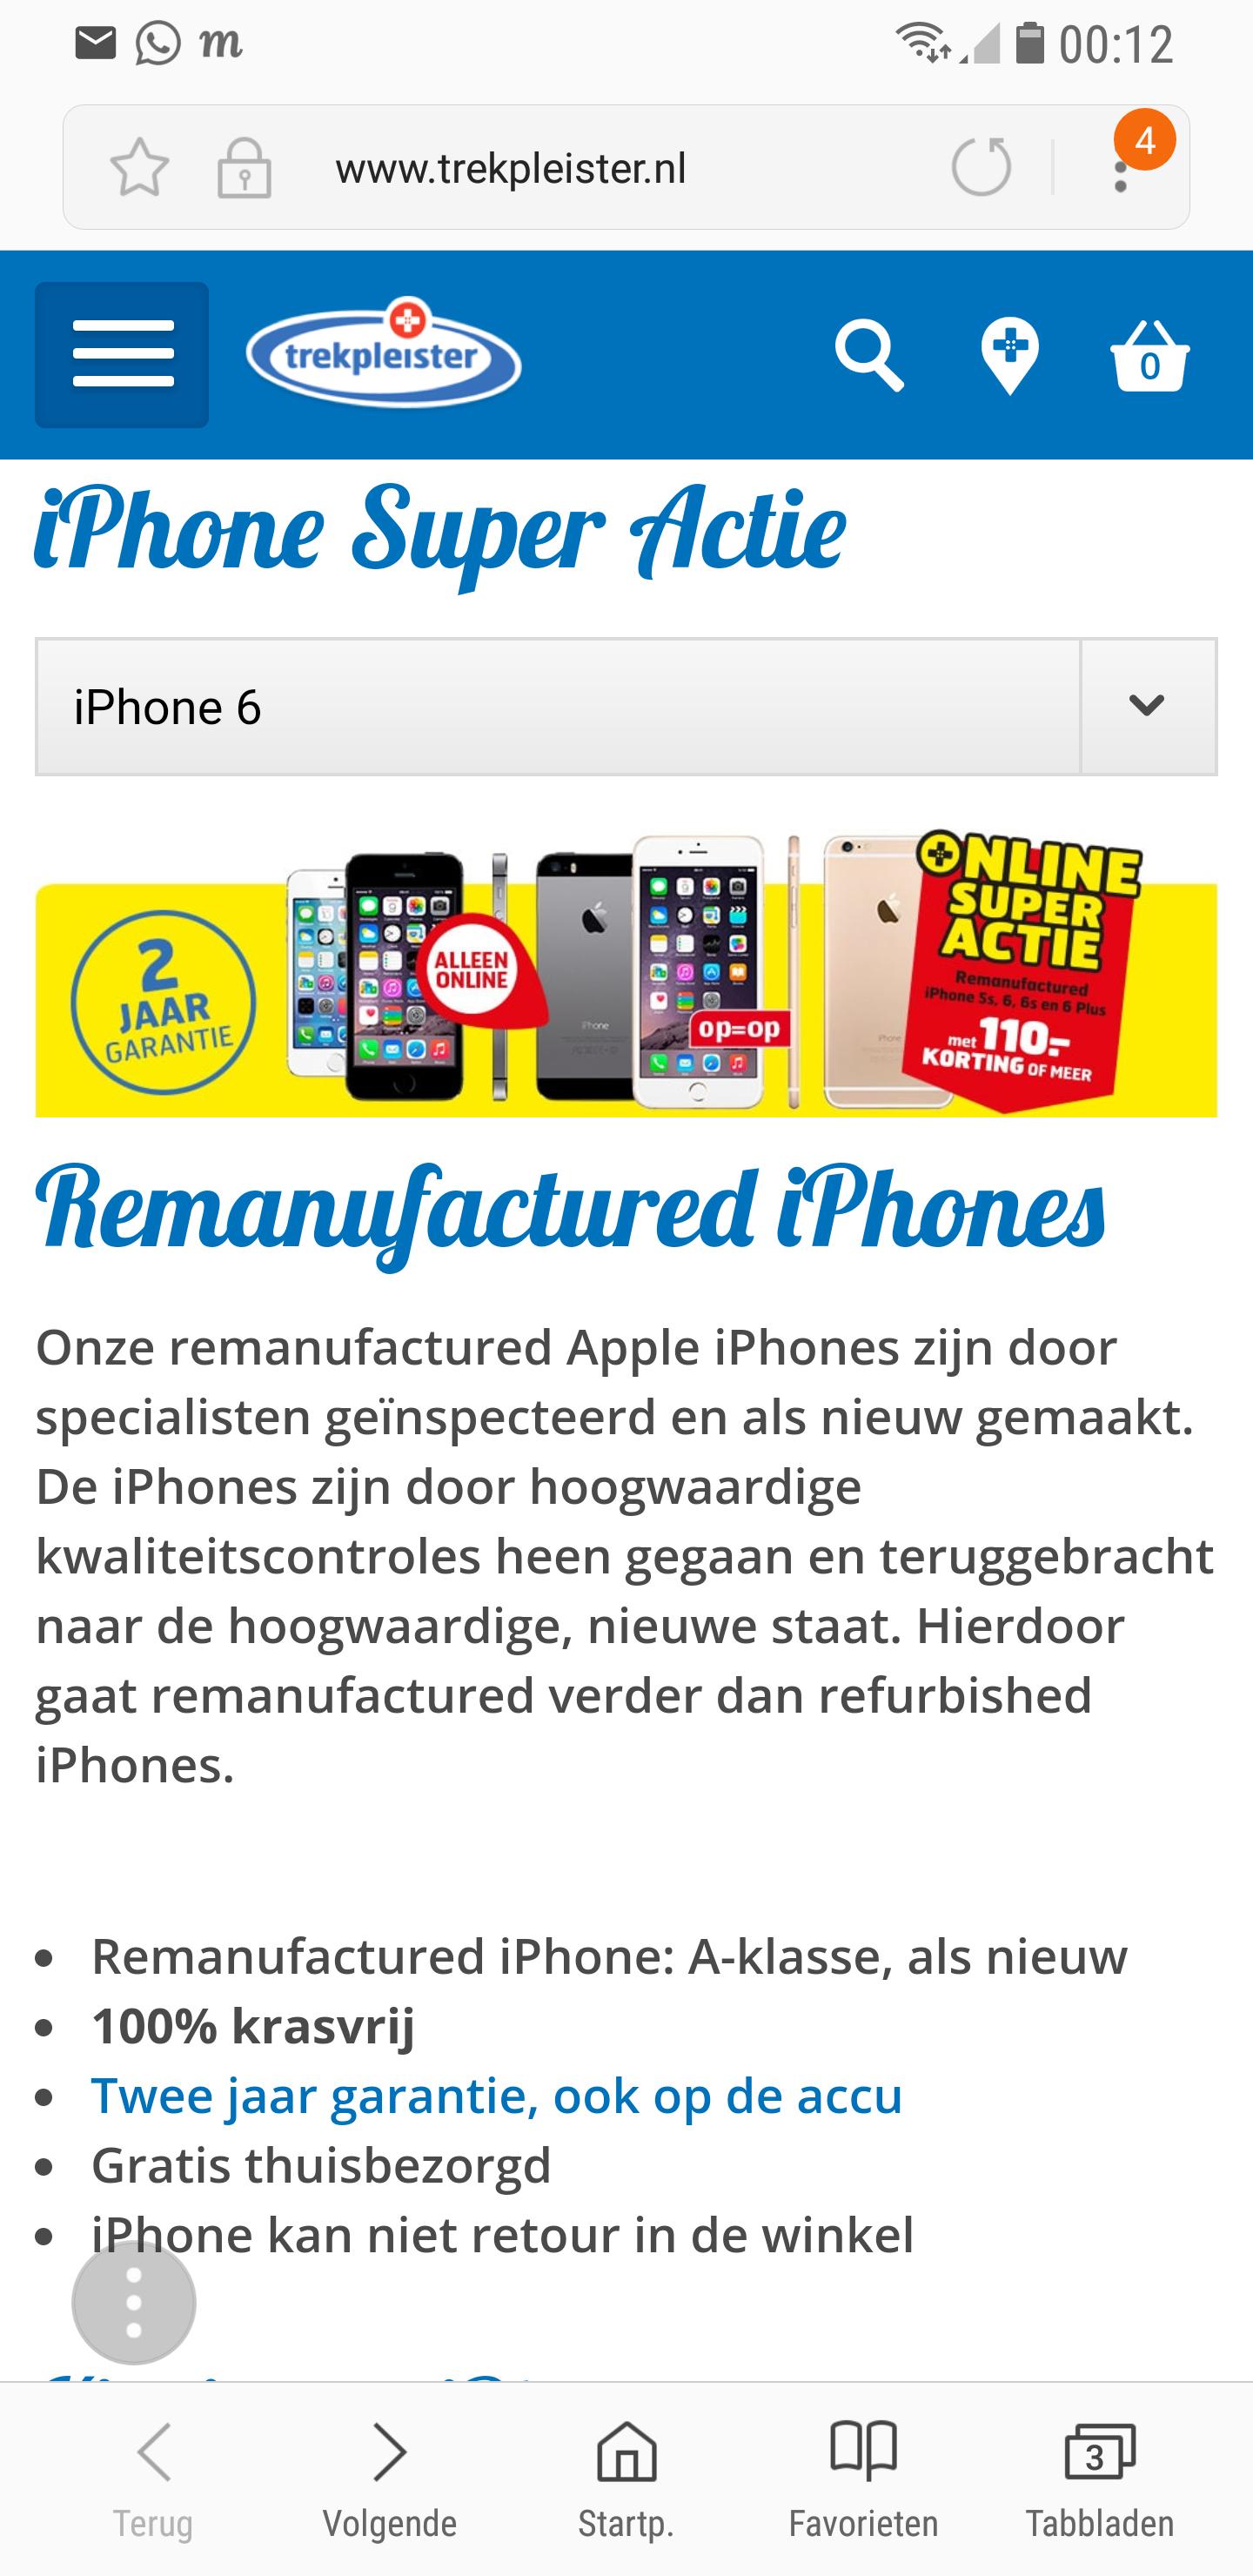 Remanufactured iPhones (vanaf 189.99) bij Trekpleister